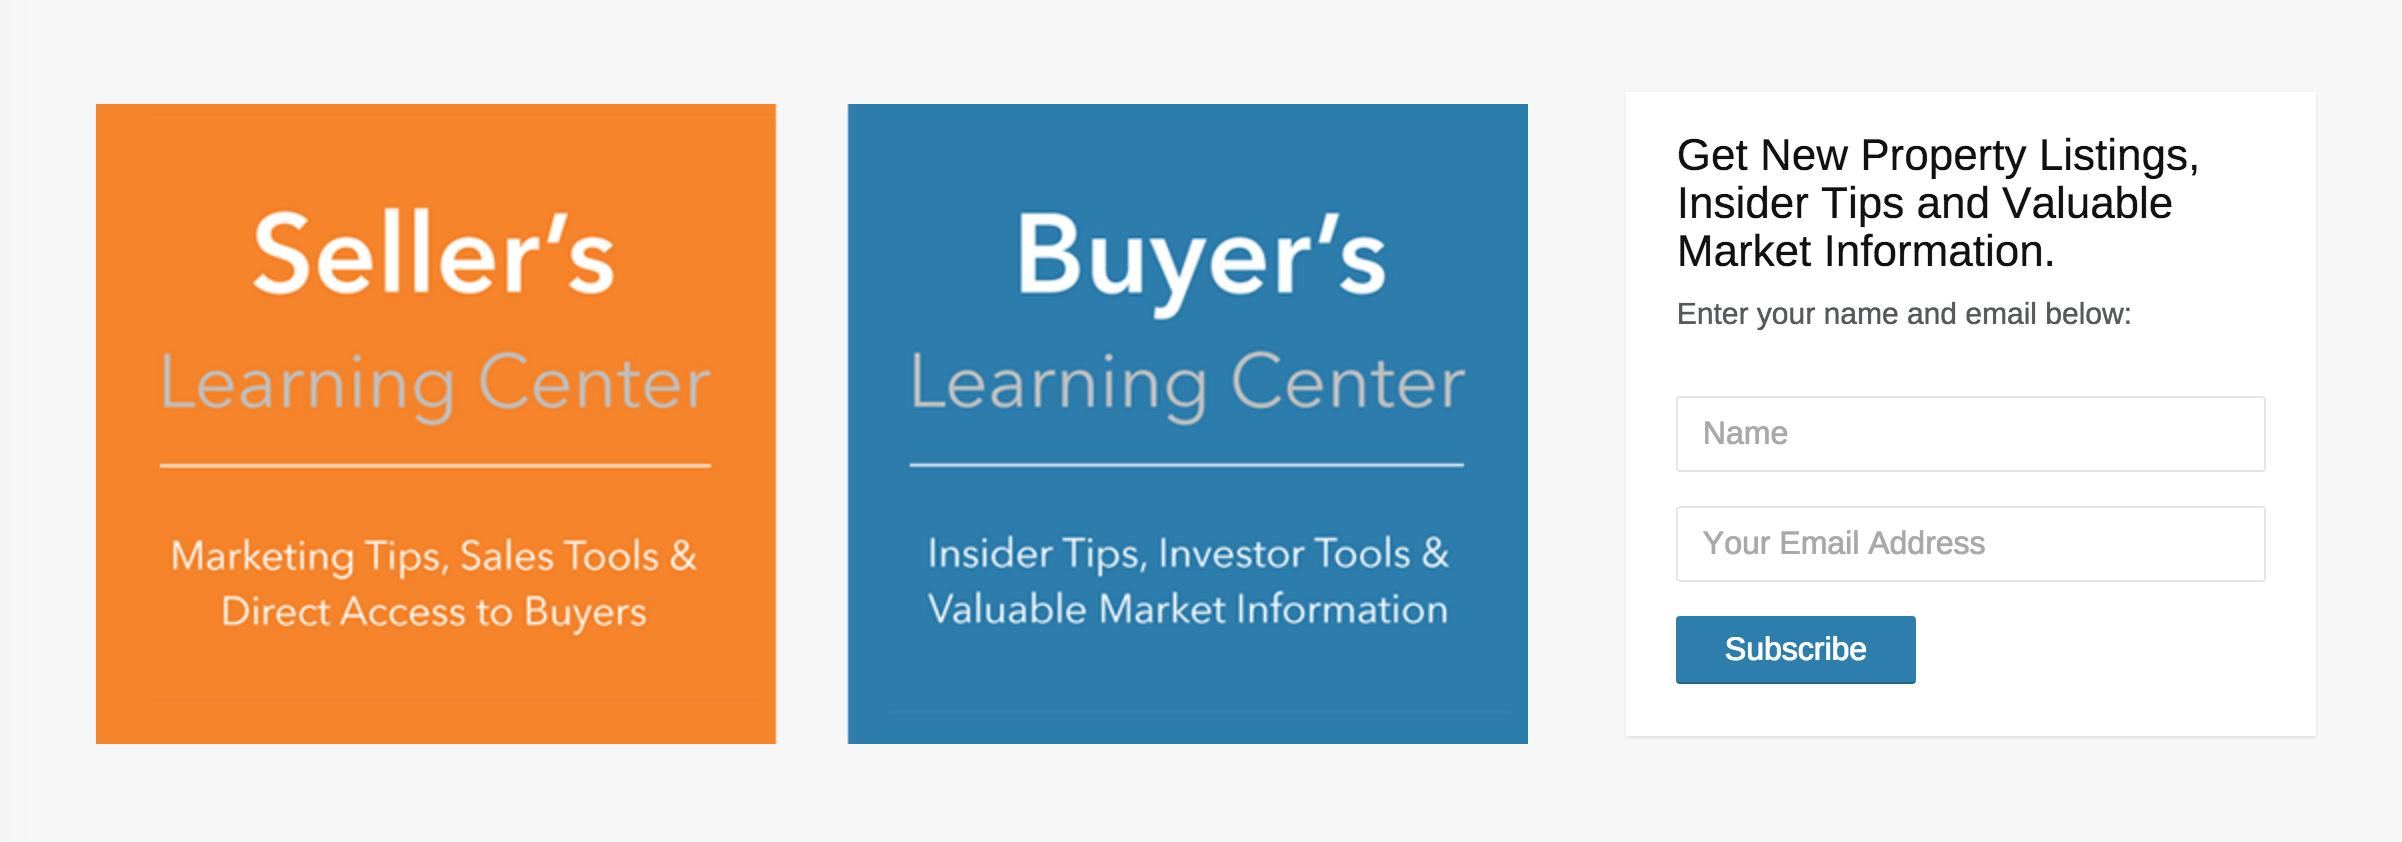 7. Centros de aprendizaje para compradores y vendedores